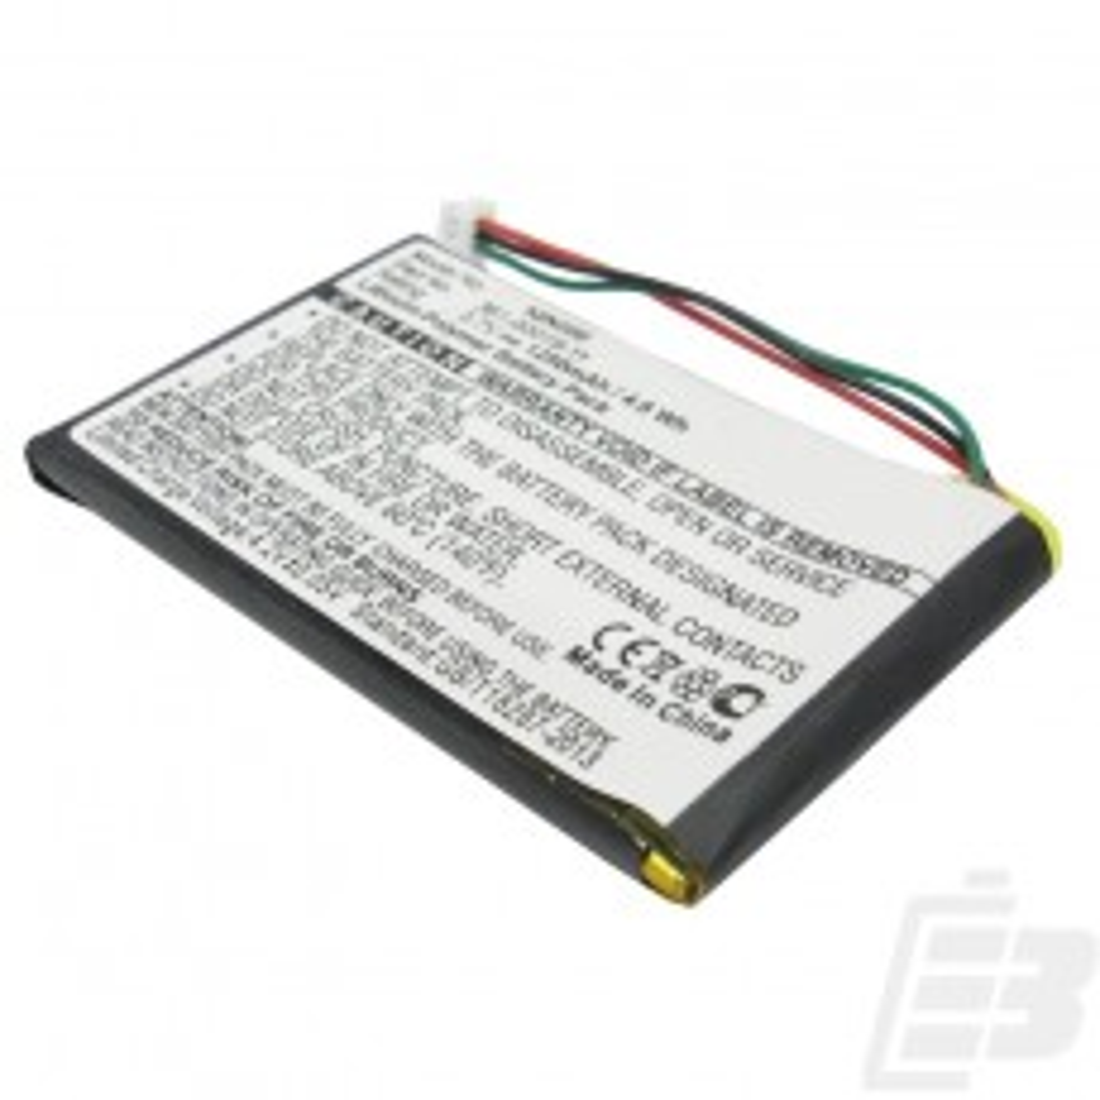 Μπαταρία GPS Garmin Nuvi 200_1